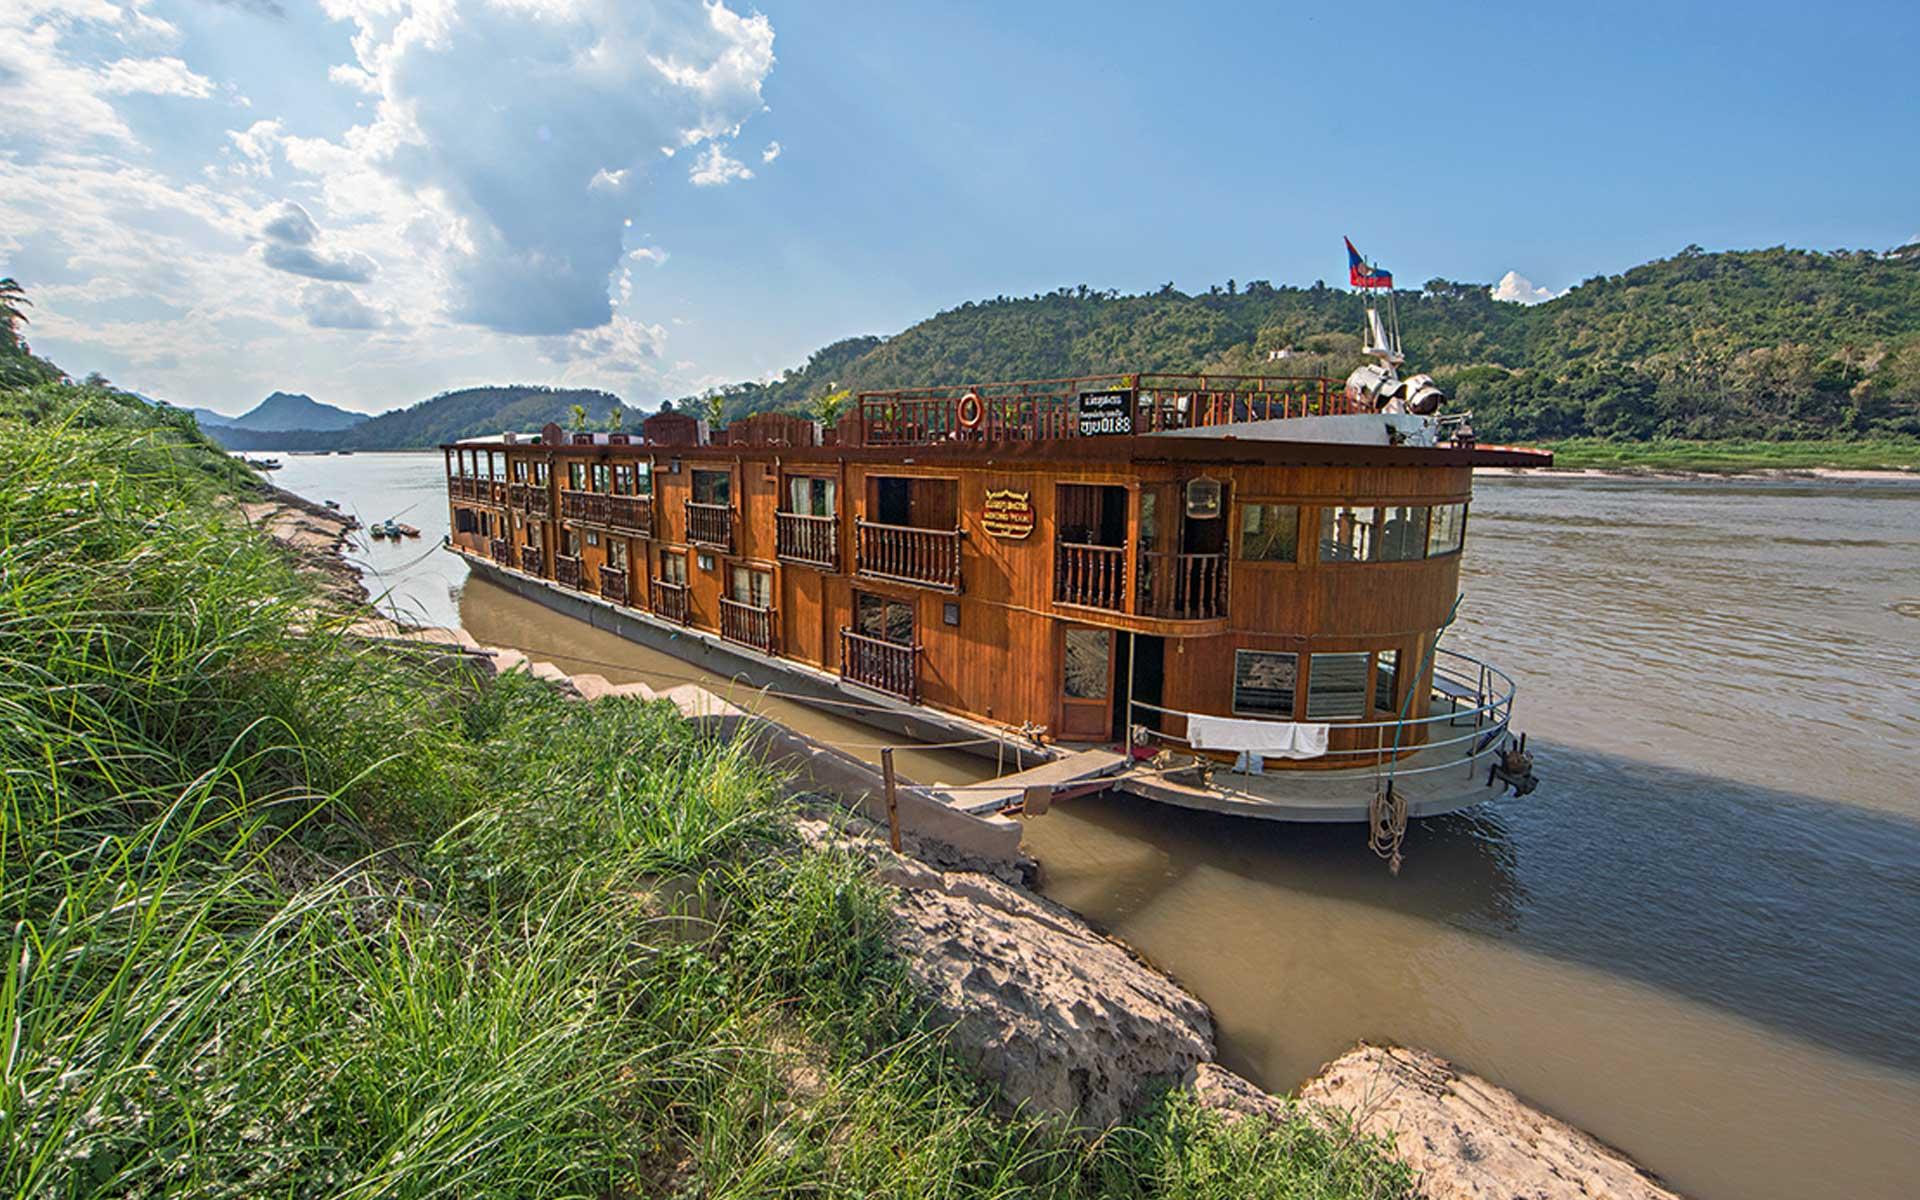 vientiane to luang prabang by cruise